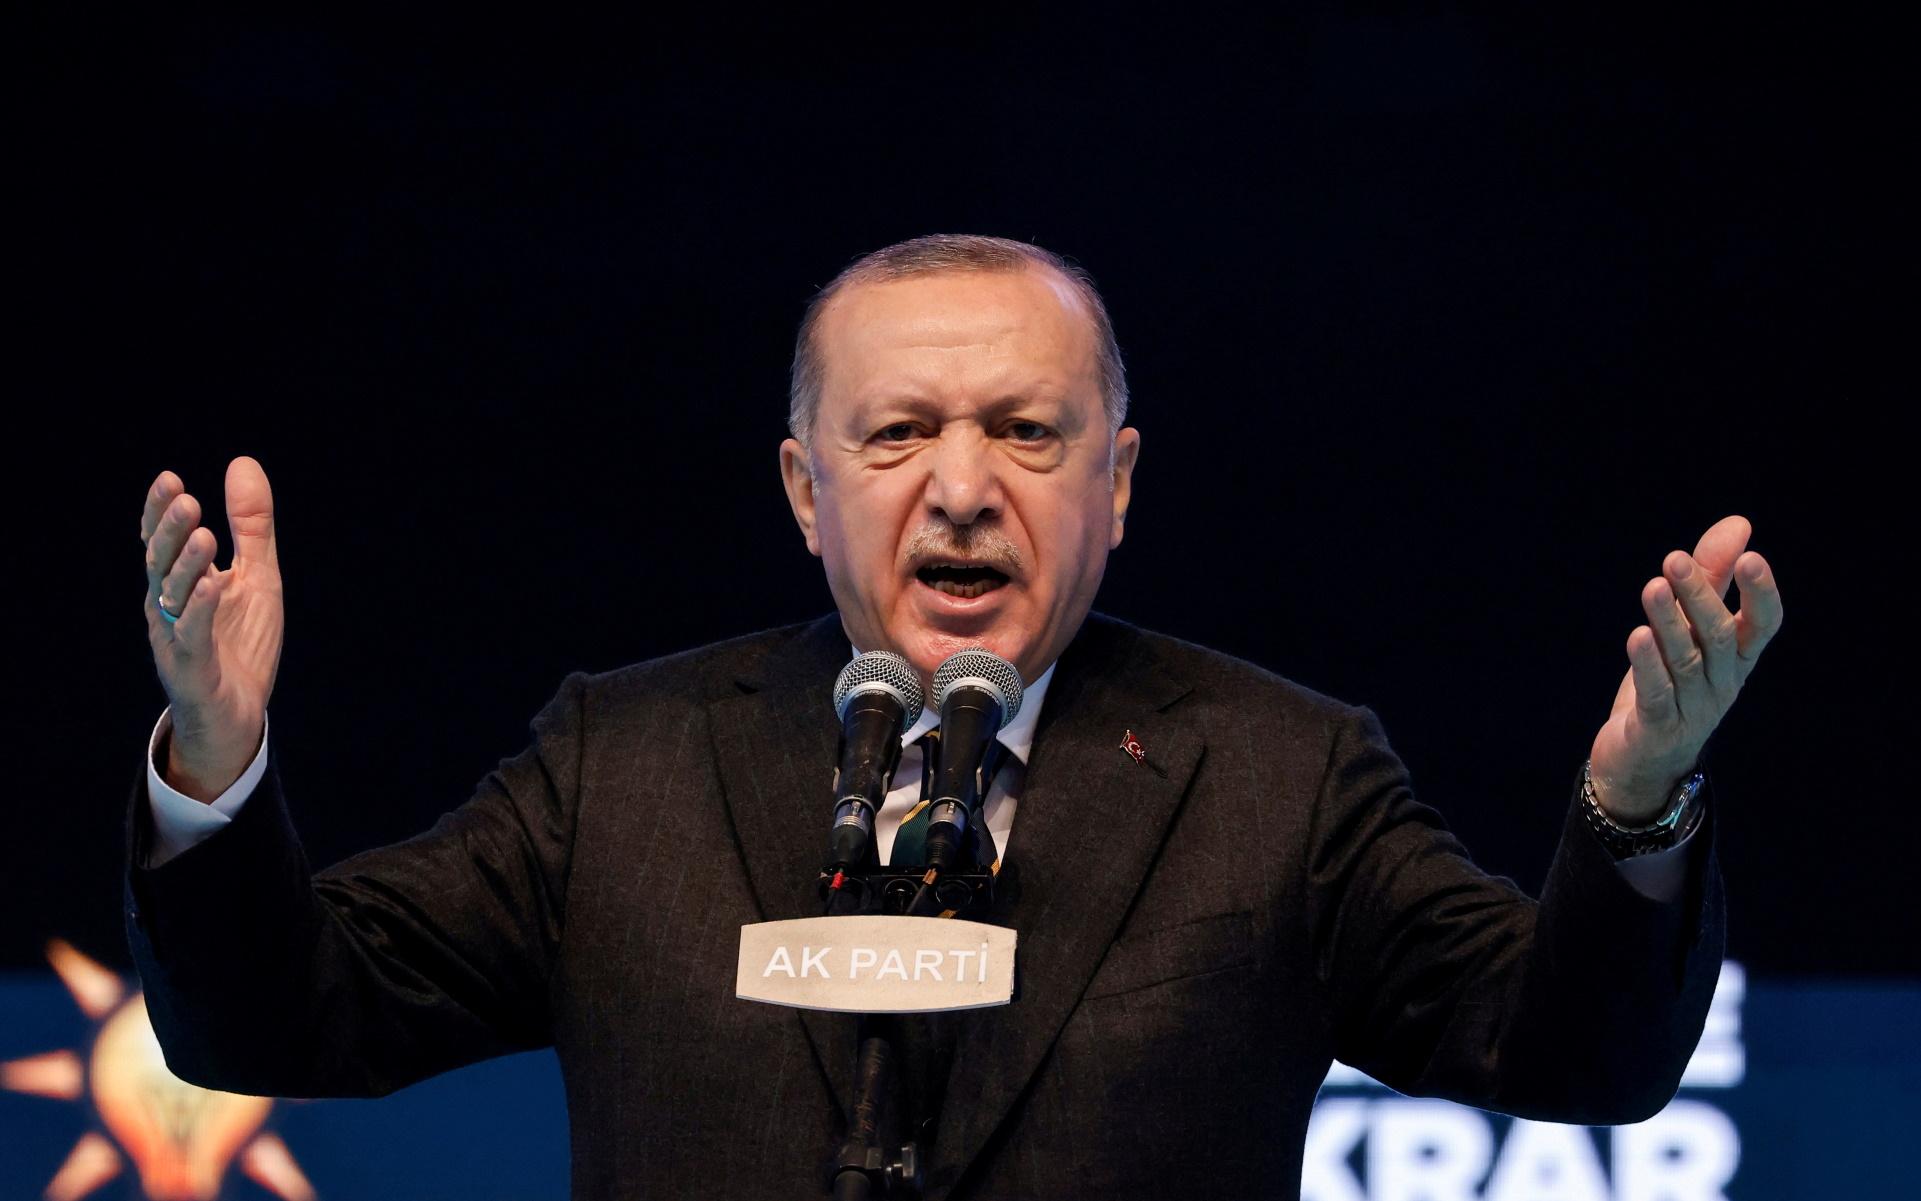 Ερντογάν: Ισορροπώντας μεταξύ Ρωσίας – Δύσης και ο «παράγοντας» Μπάιντεν